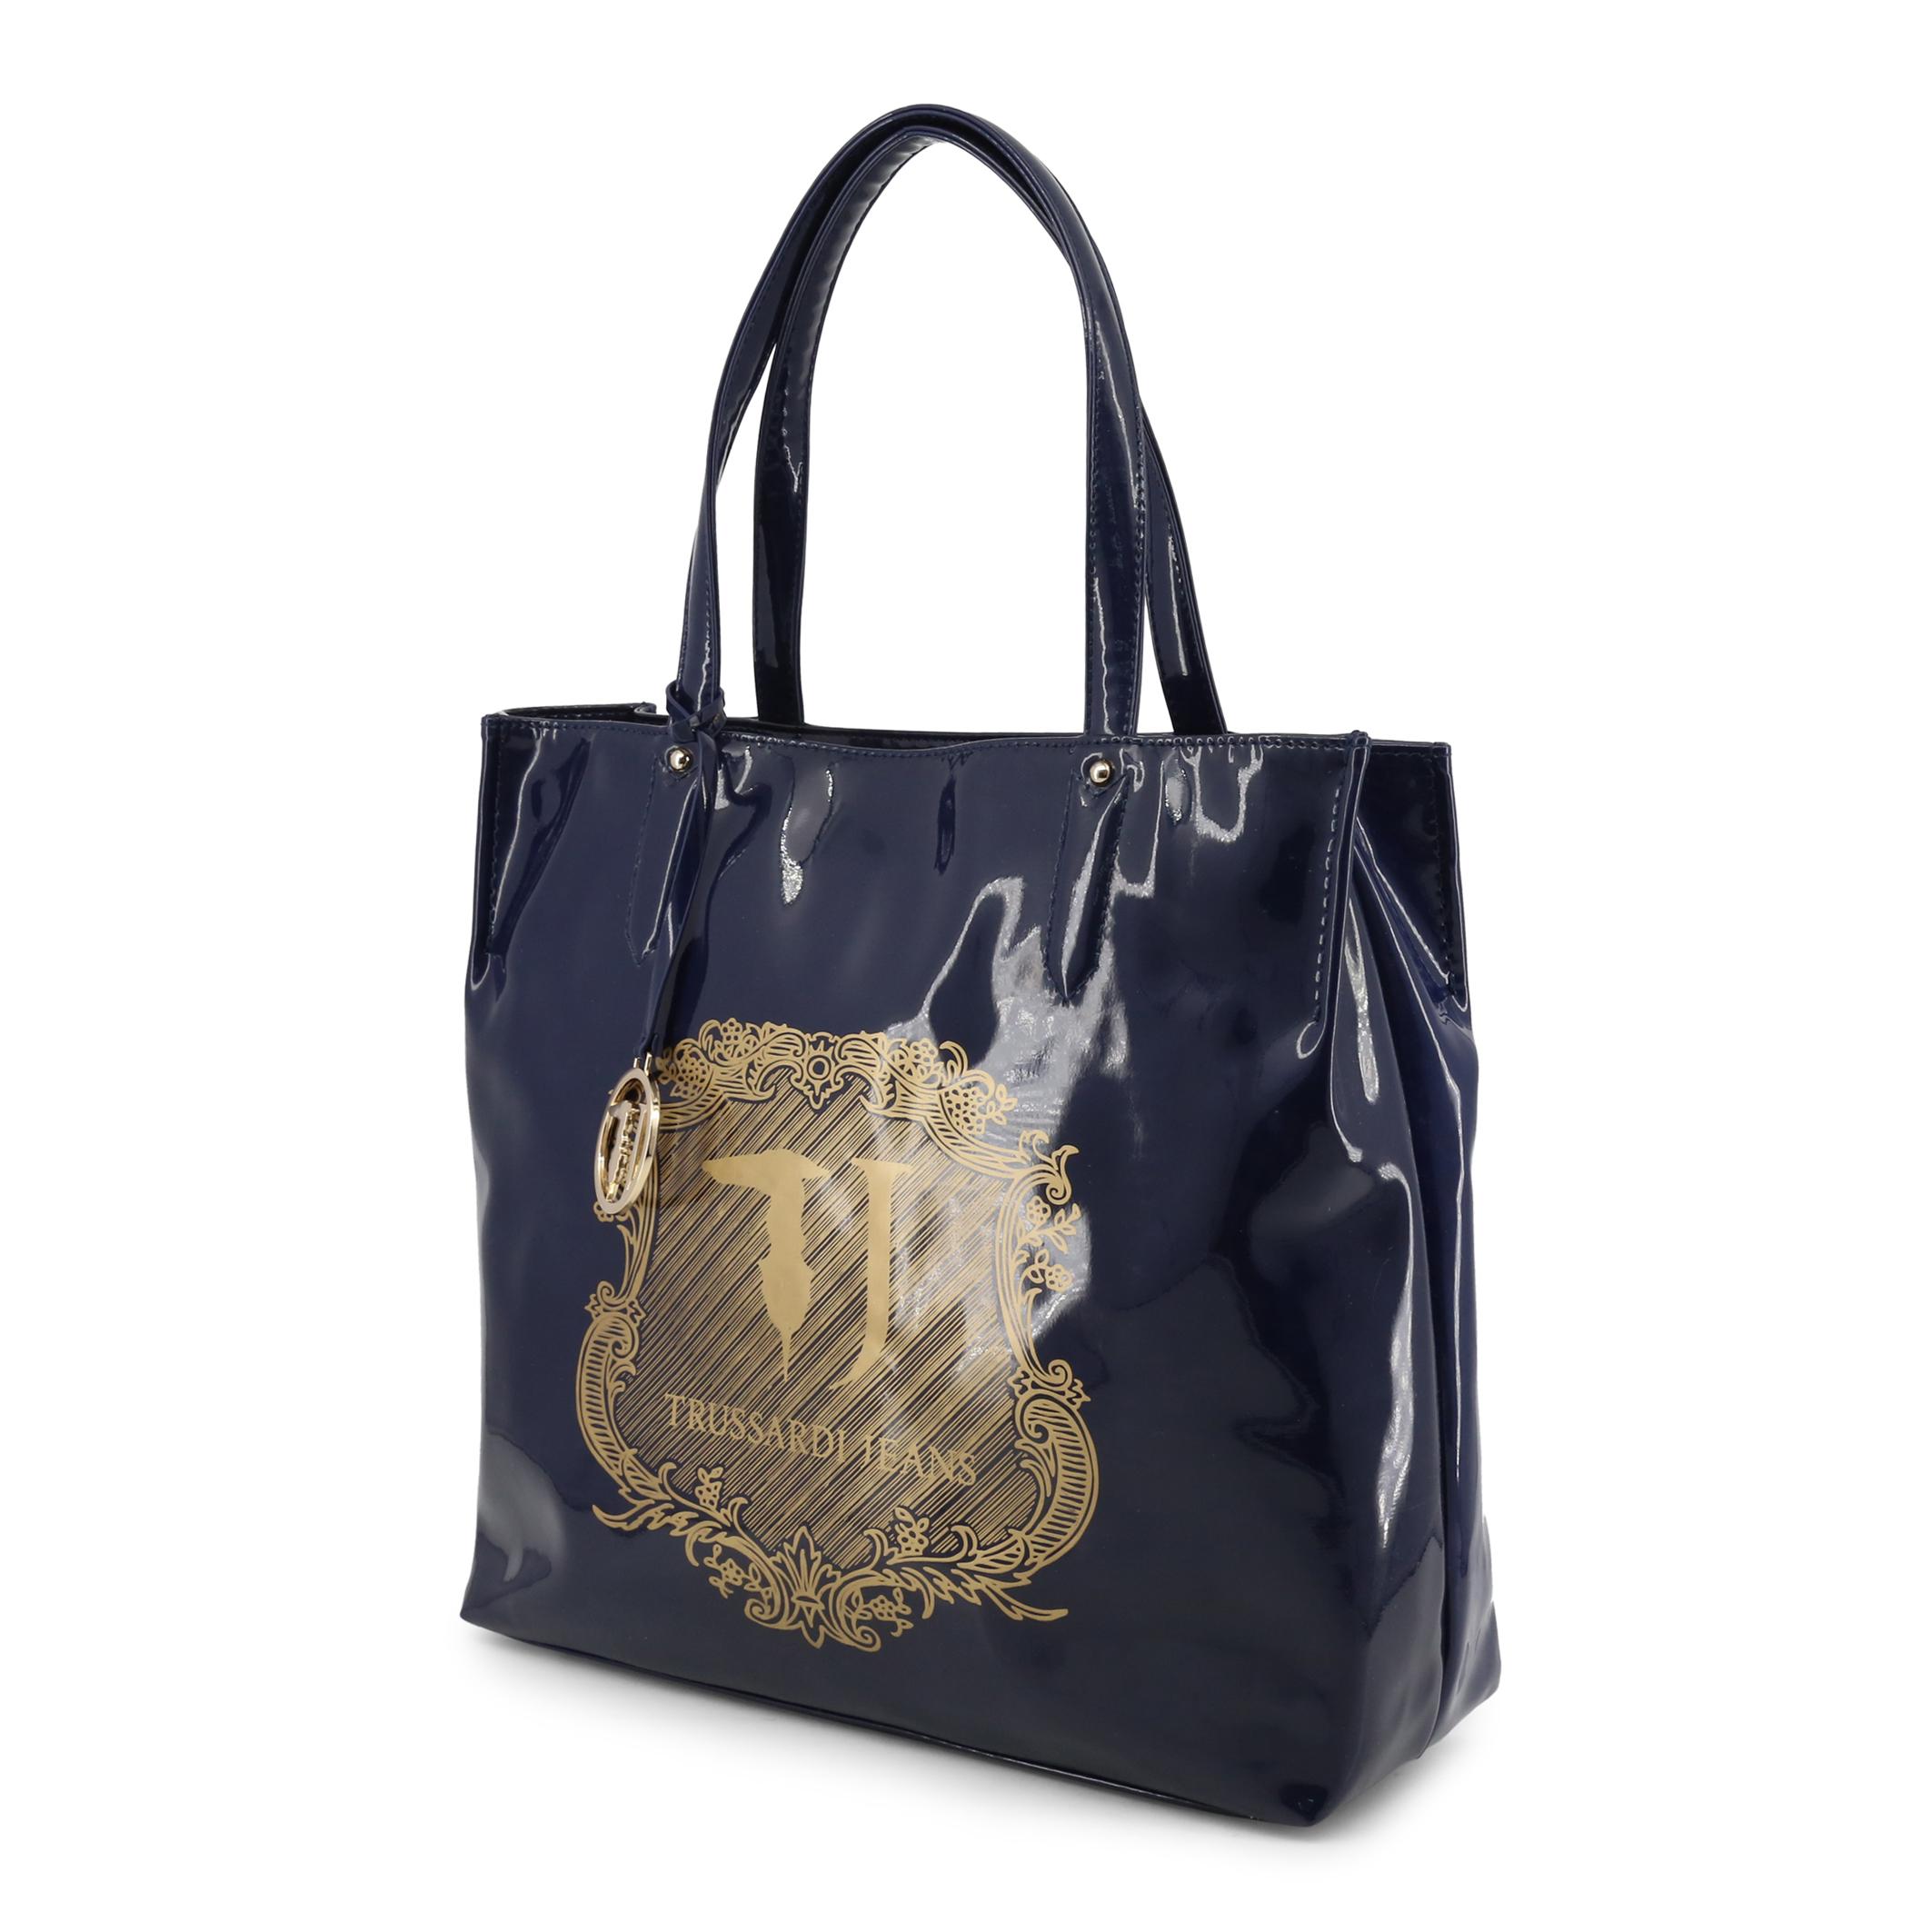 Portefeuilles / Porte-monnaie  Trussardi 75B01VER blue